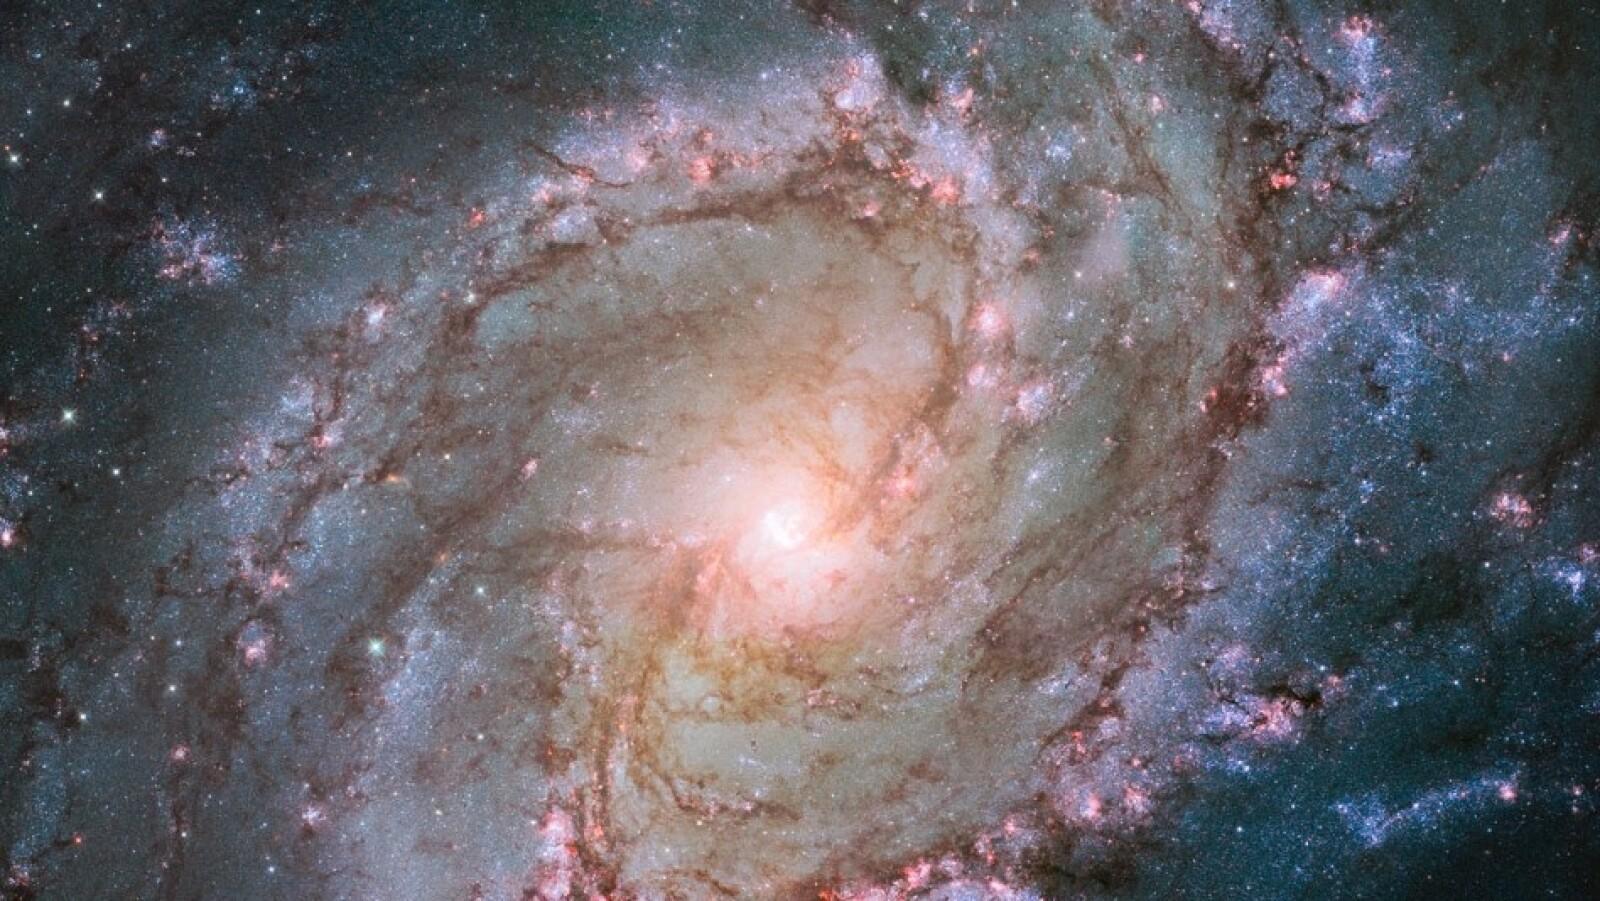 El Telescopio Espacial Hubble capturó esta imagen de la Galaxia Messier 83